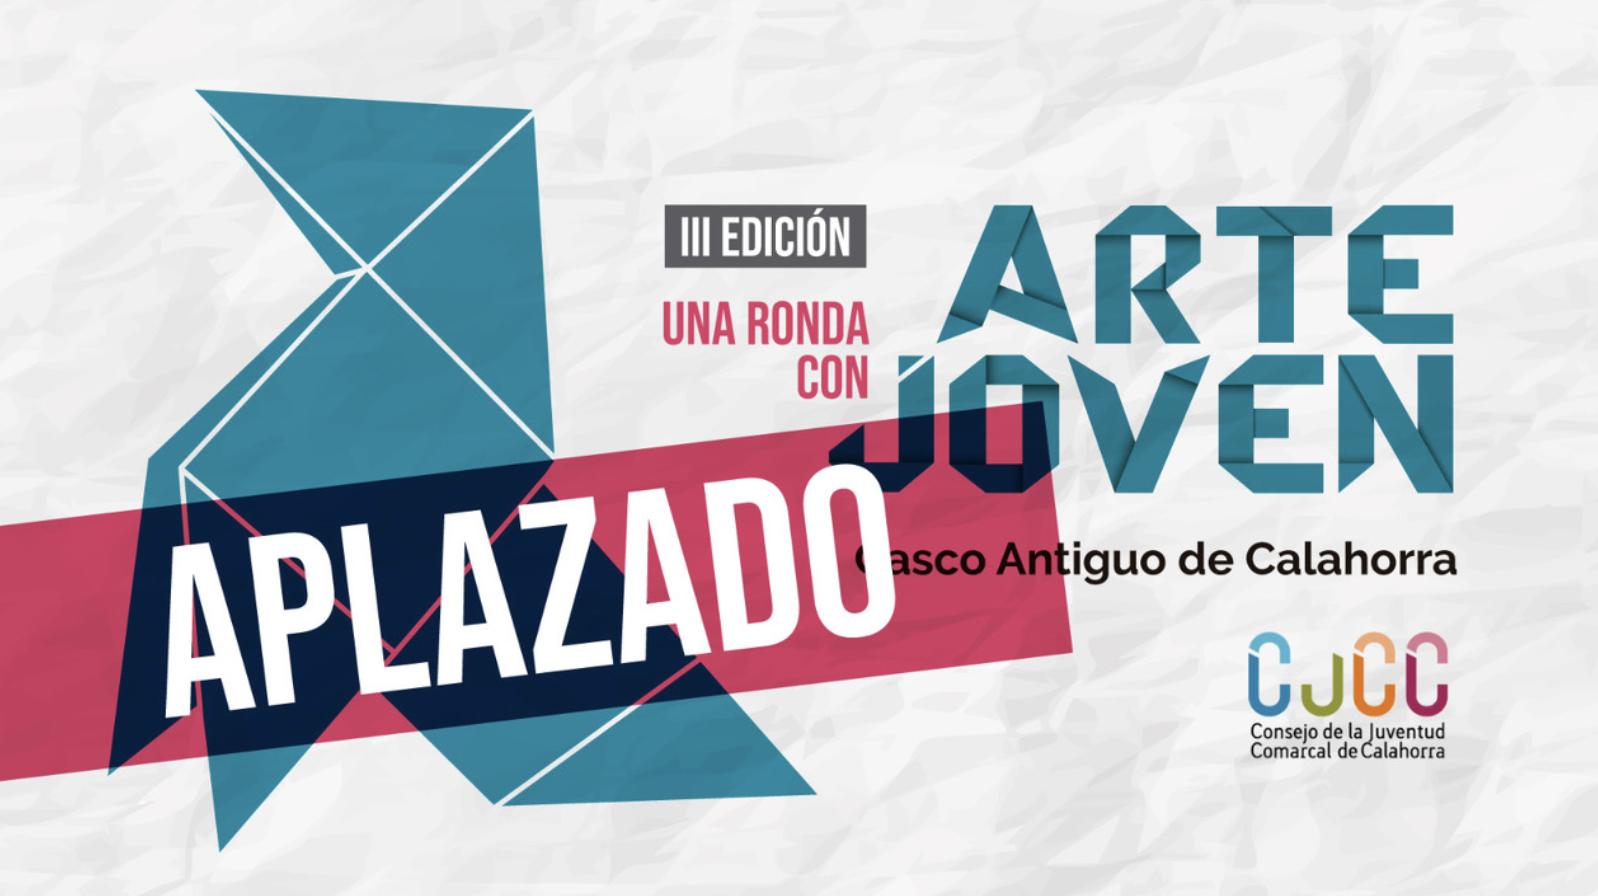 CJCC aplaza su ronda con Arte Joven por el casco antiguo de Calahorra